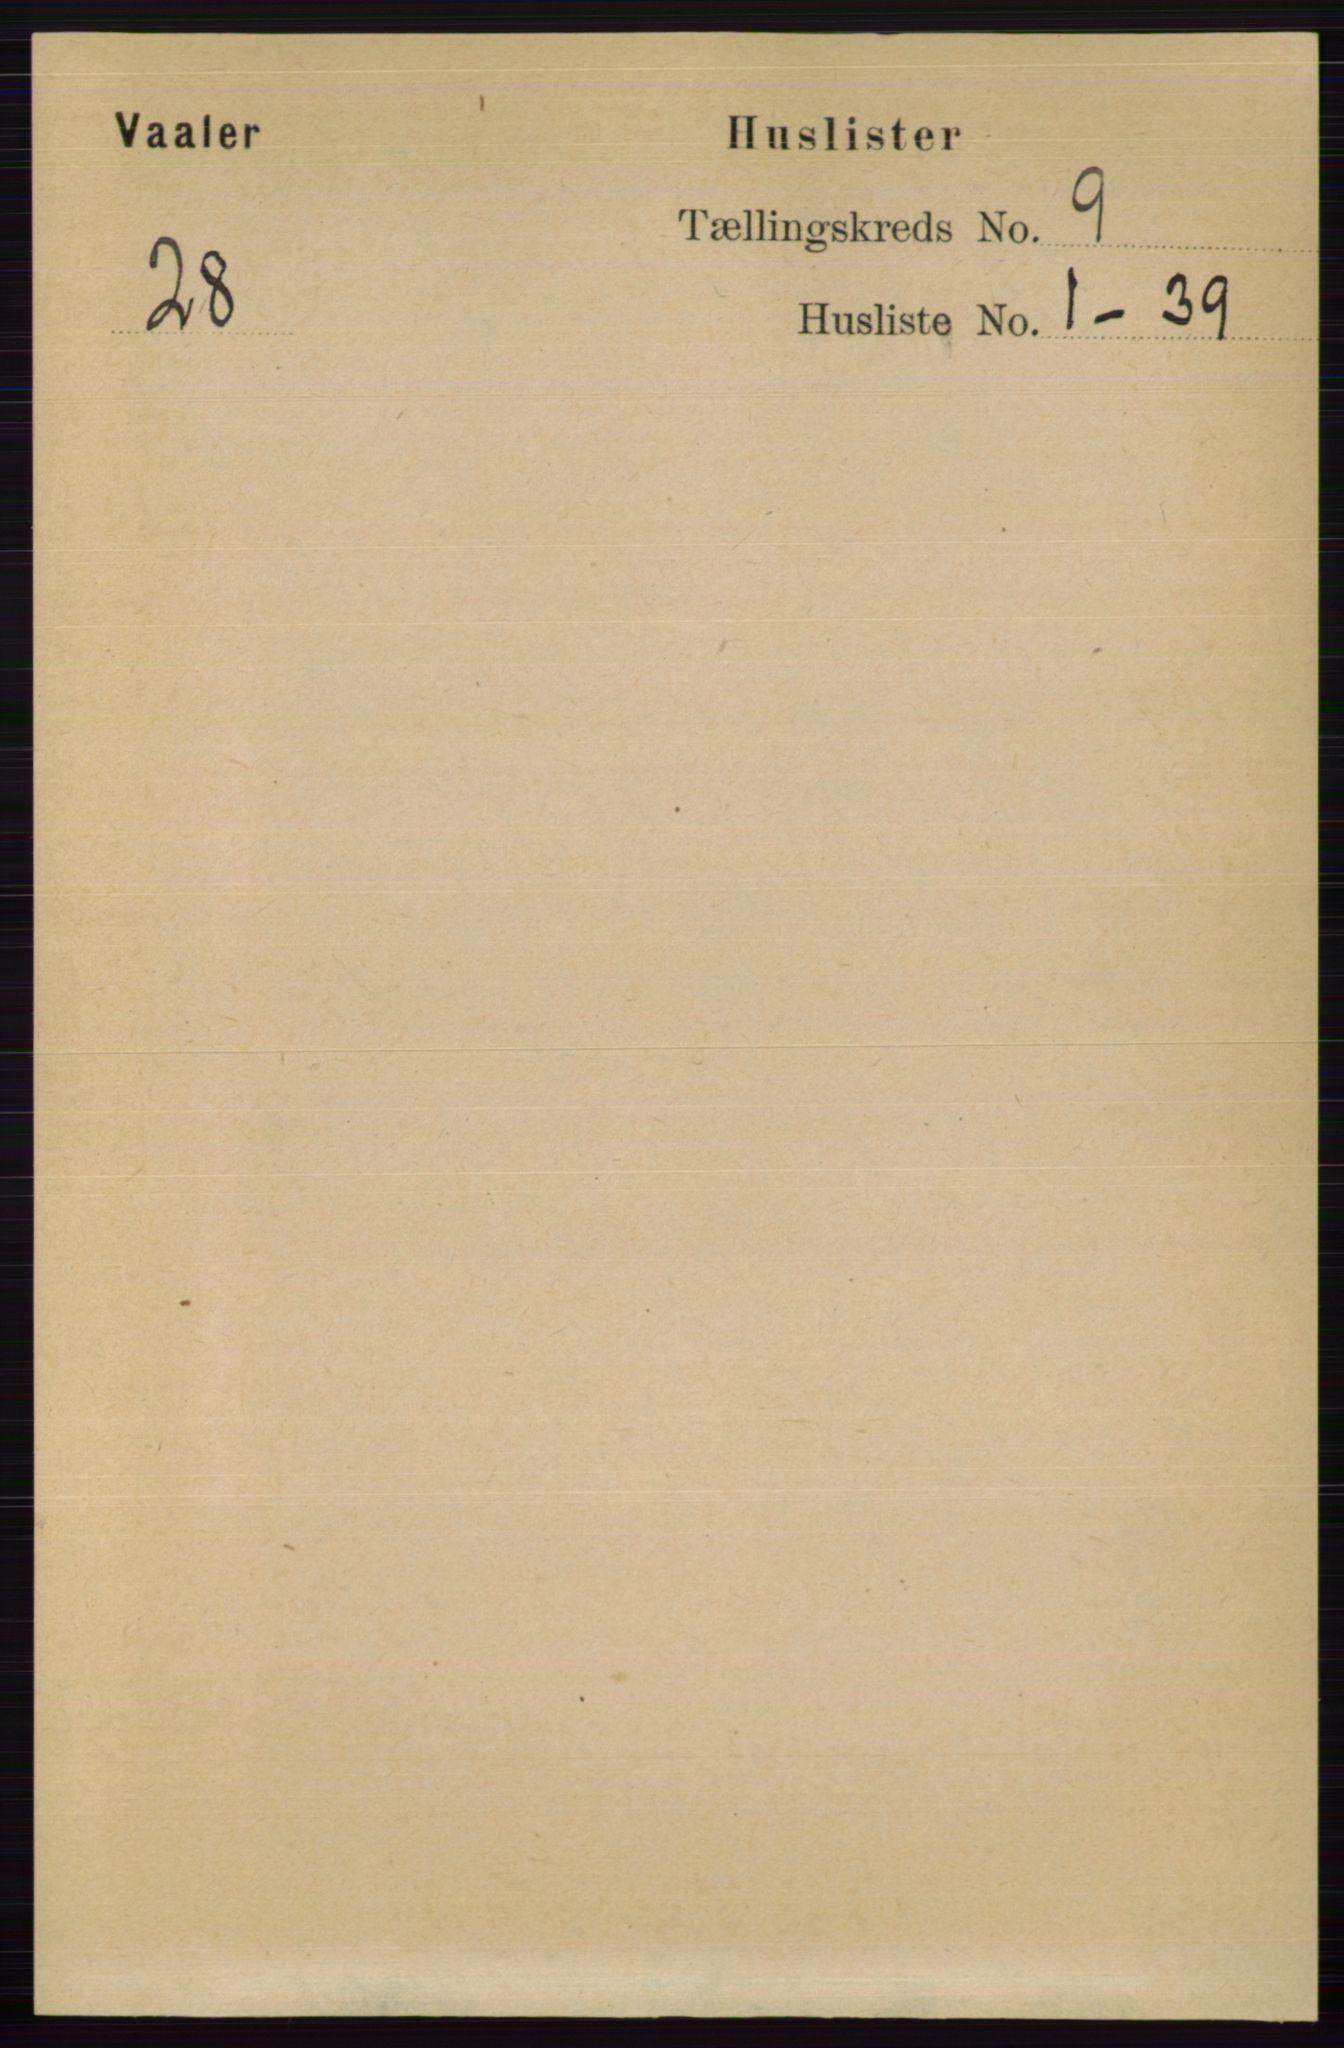 RA, Folketelling 1891 for 0426 Våler herred, 1891, s. 3812